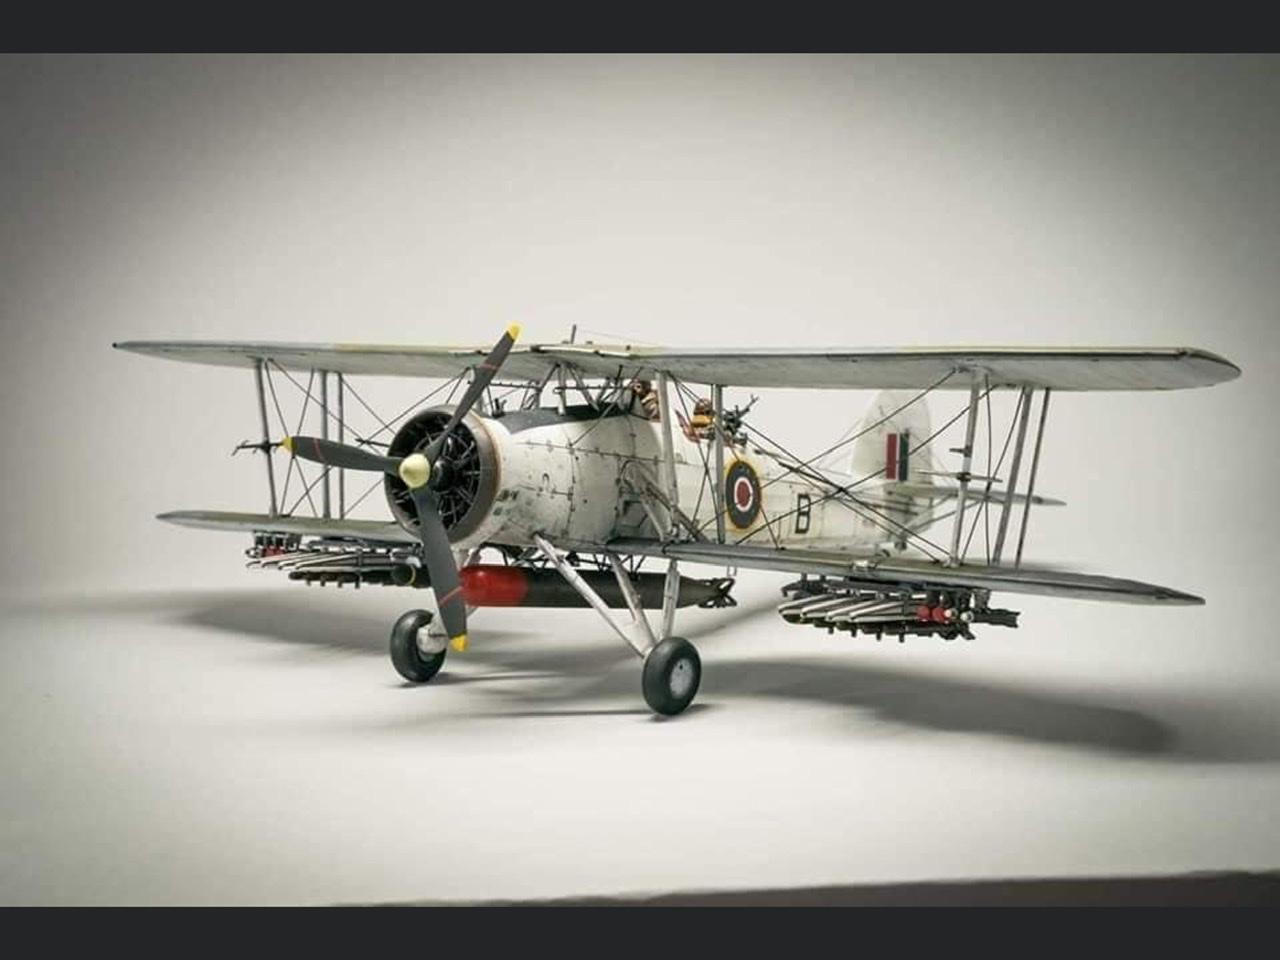 47A95EBF-FD97-4D92-8360-EC219EC2D359.jpeg